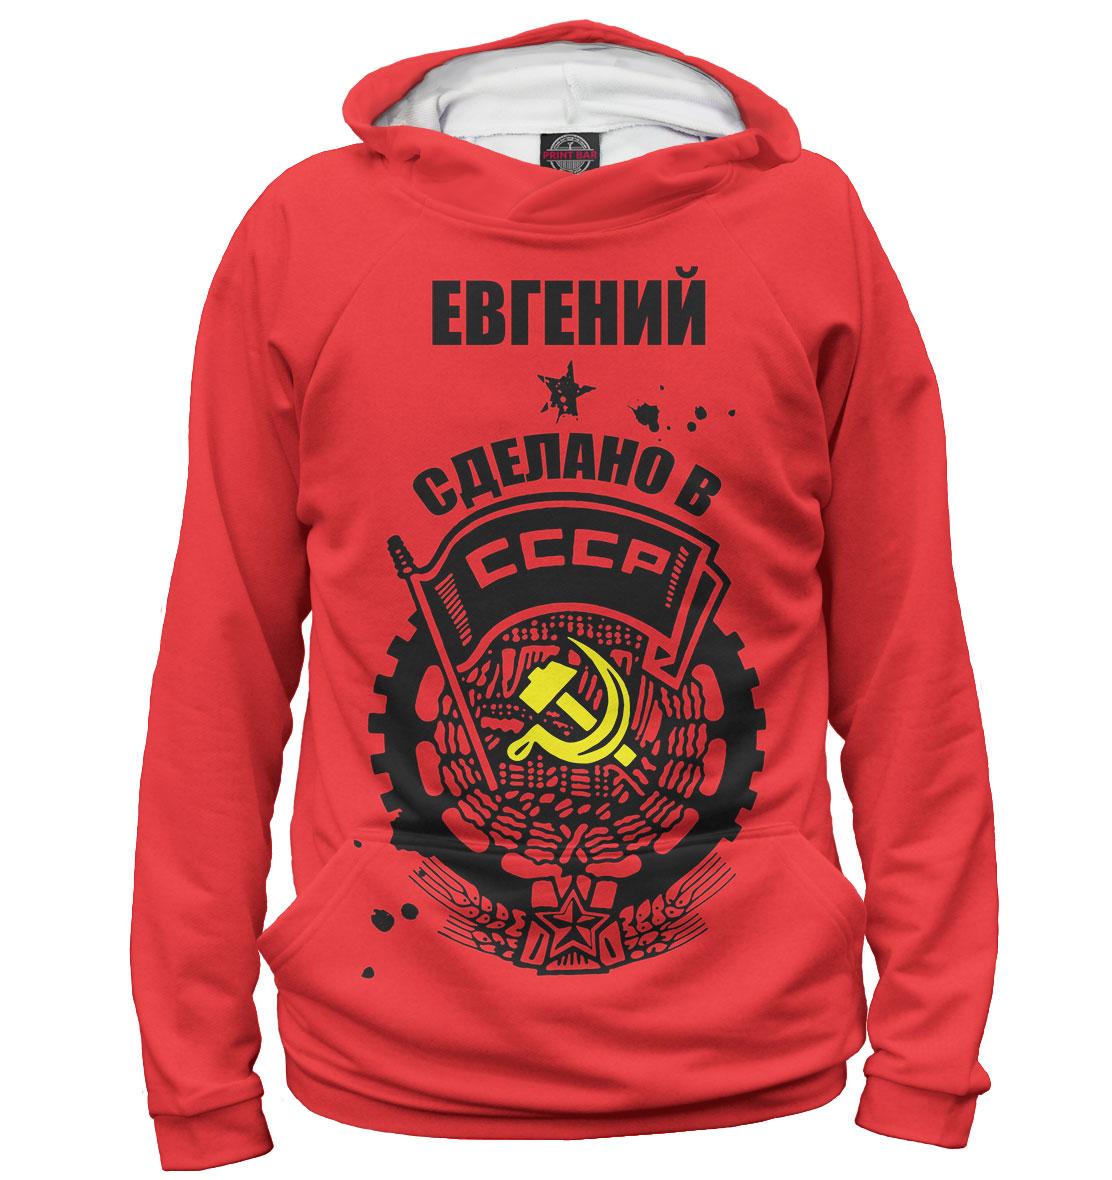 Купить Евгений — сделано в СССР, Printbar, Худи, SSS-400882-hud